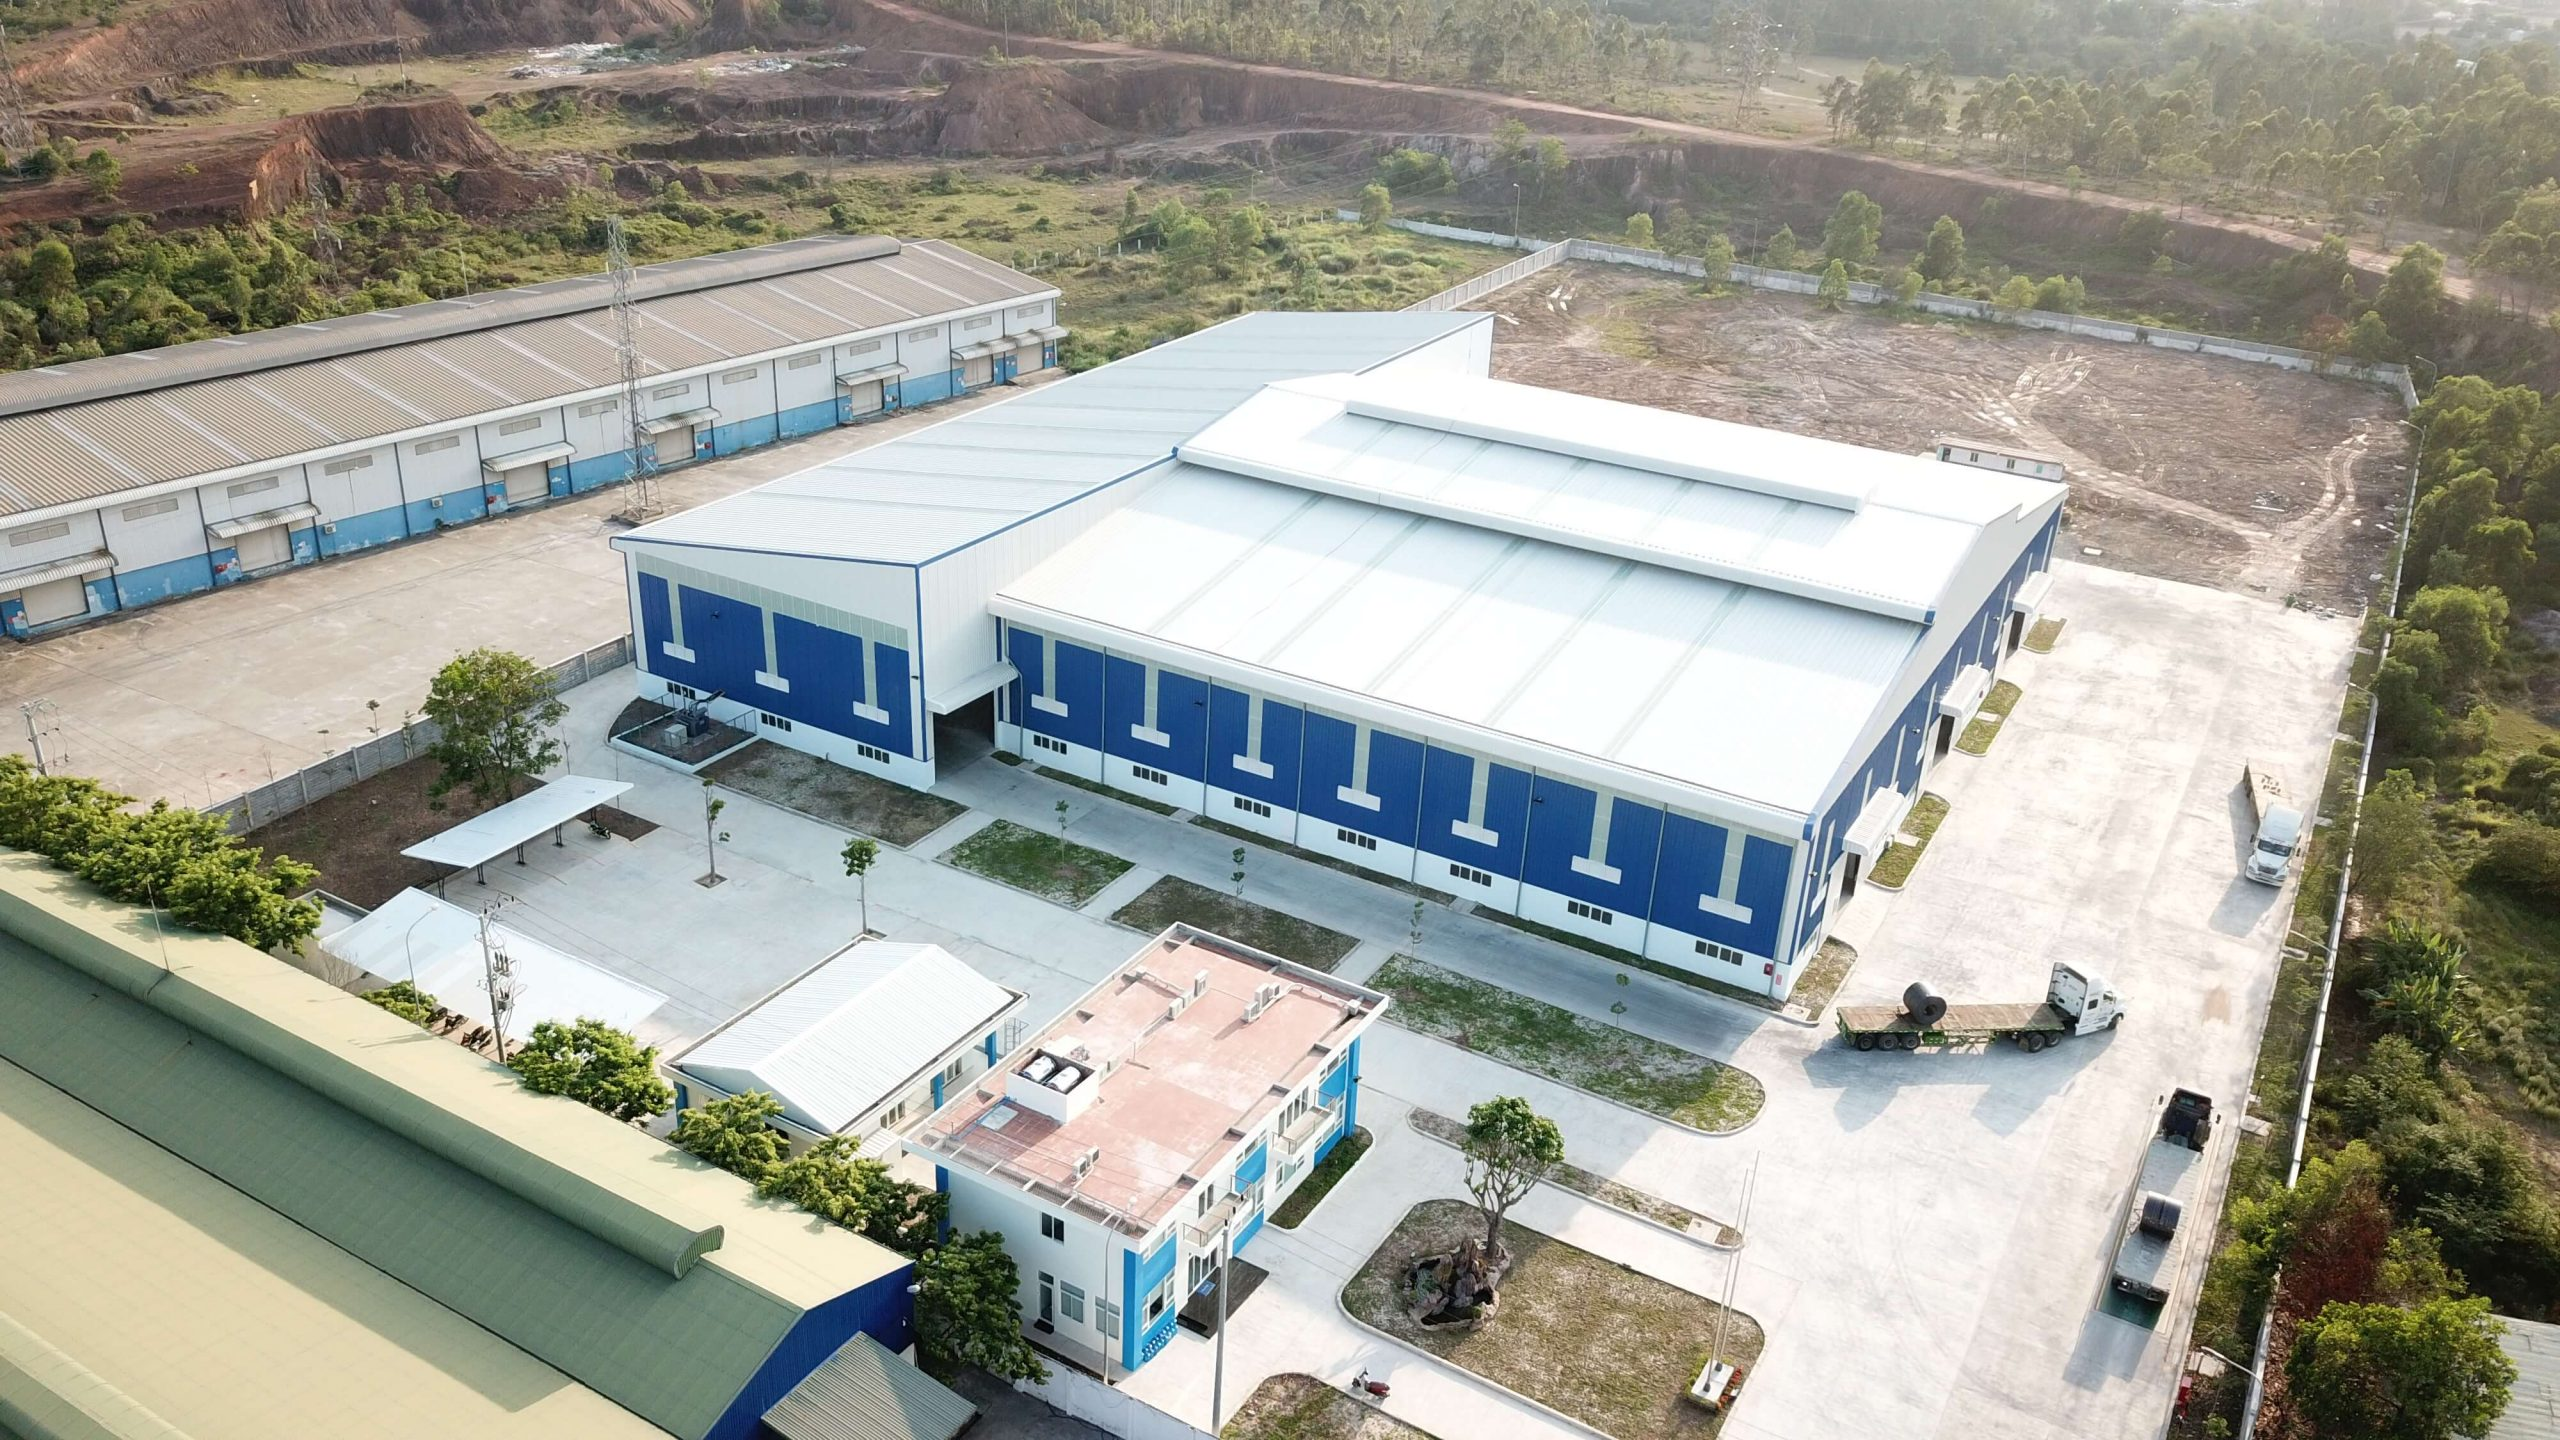 HGPT Mechanical đã hoàn thành xuất sắc nhiệm vụ tại công trình SMC Đà Nẵng